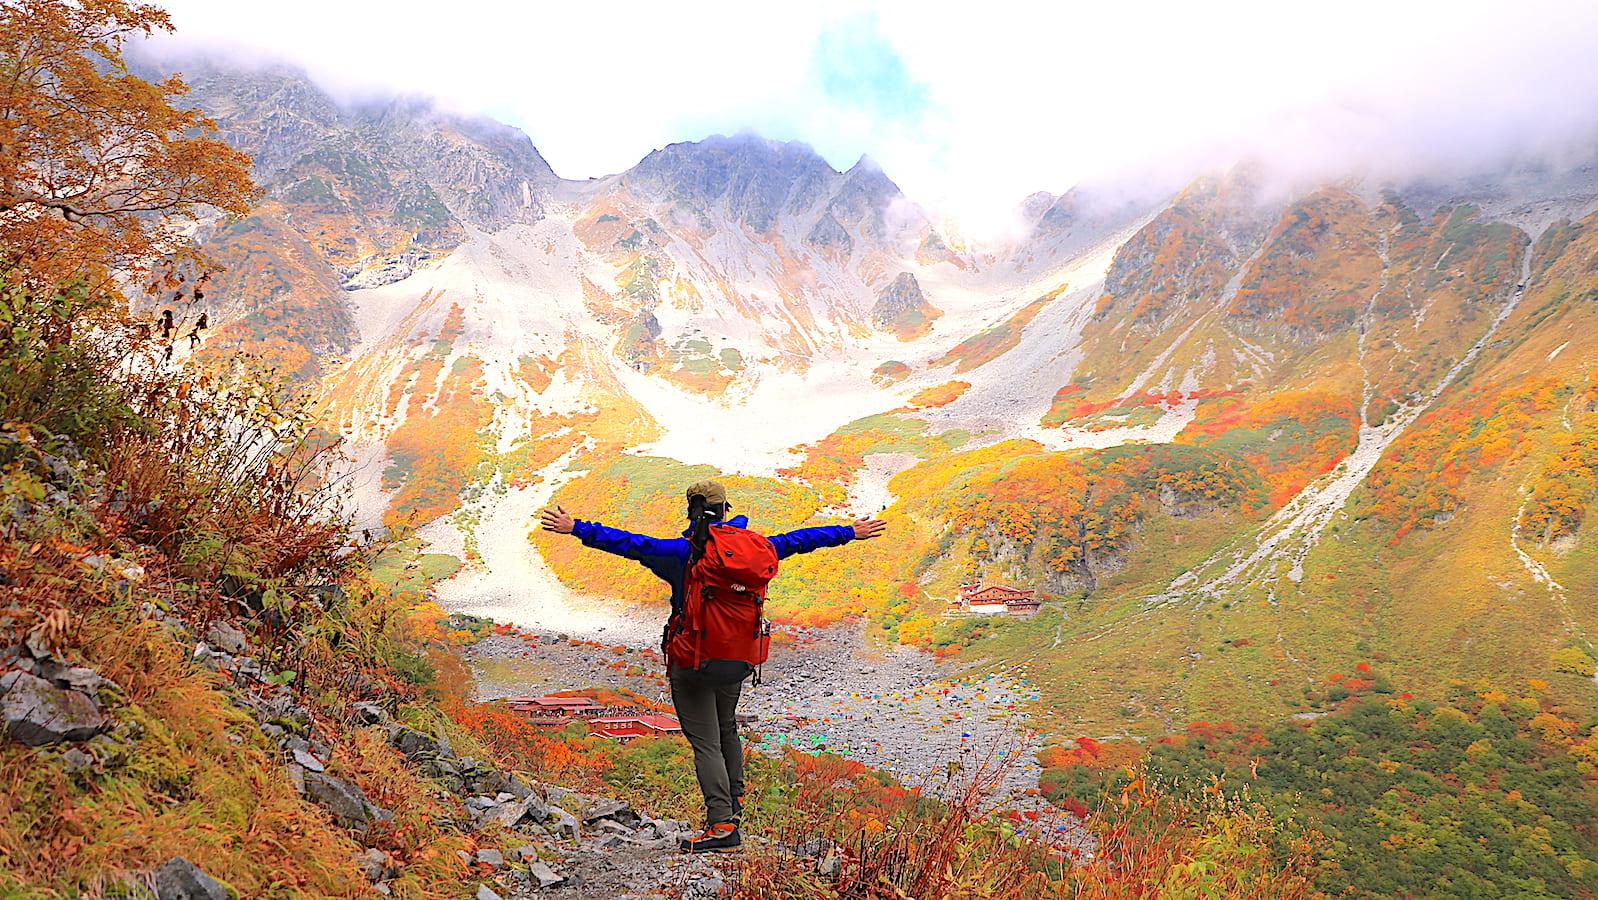 【山旅実践編】上高地から北アルプス奥地へ!紅葉の「涸沢カール」でキャンプ泊登山